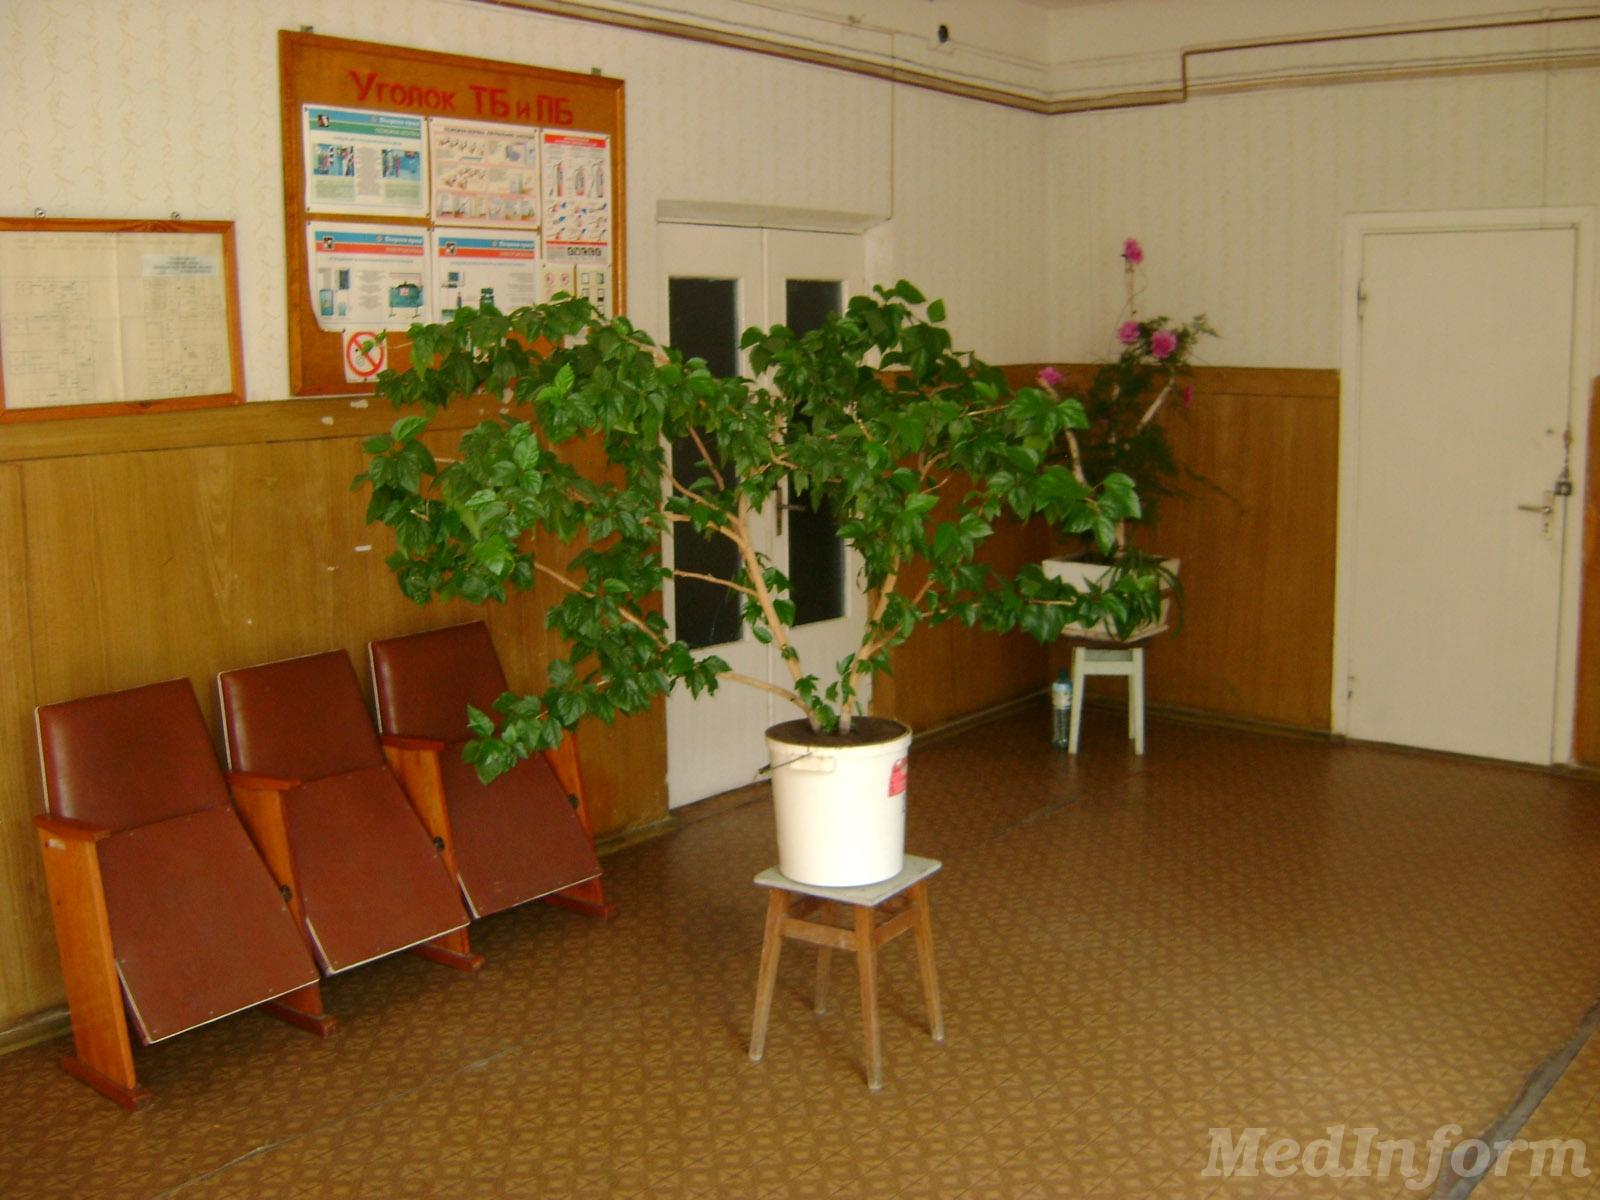 Стоматологической клинике софия